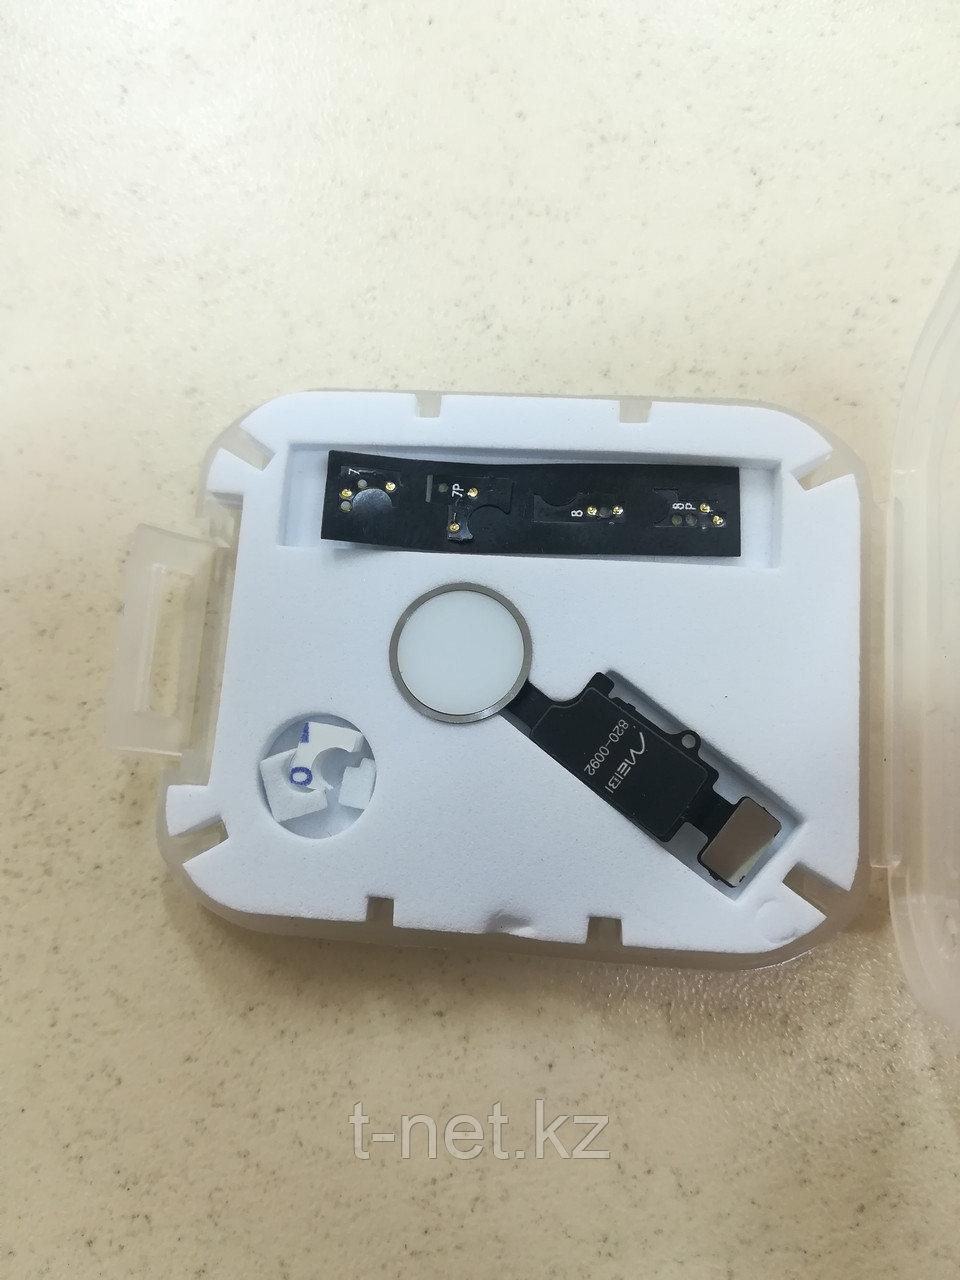 Шлейф Apple Iphone 8 PLUS кнопка домой, цвет, черный, белый (ХОУМ КНОПКА РАБОТАЕТ)!